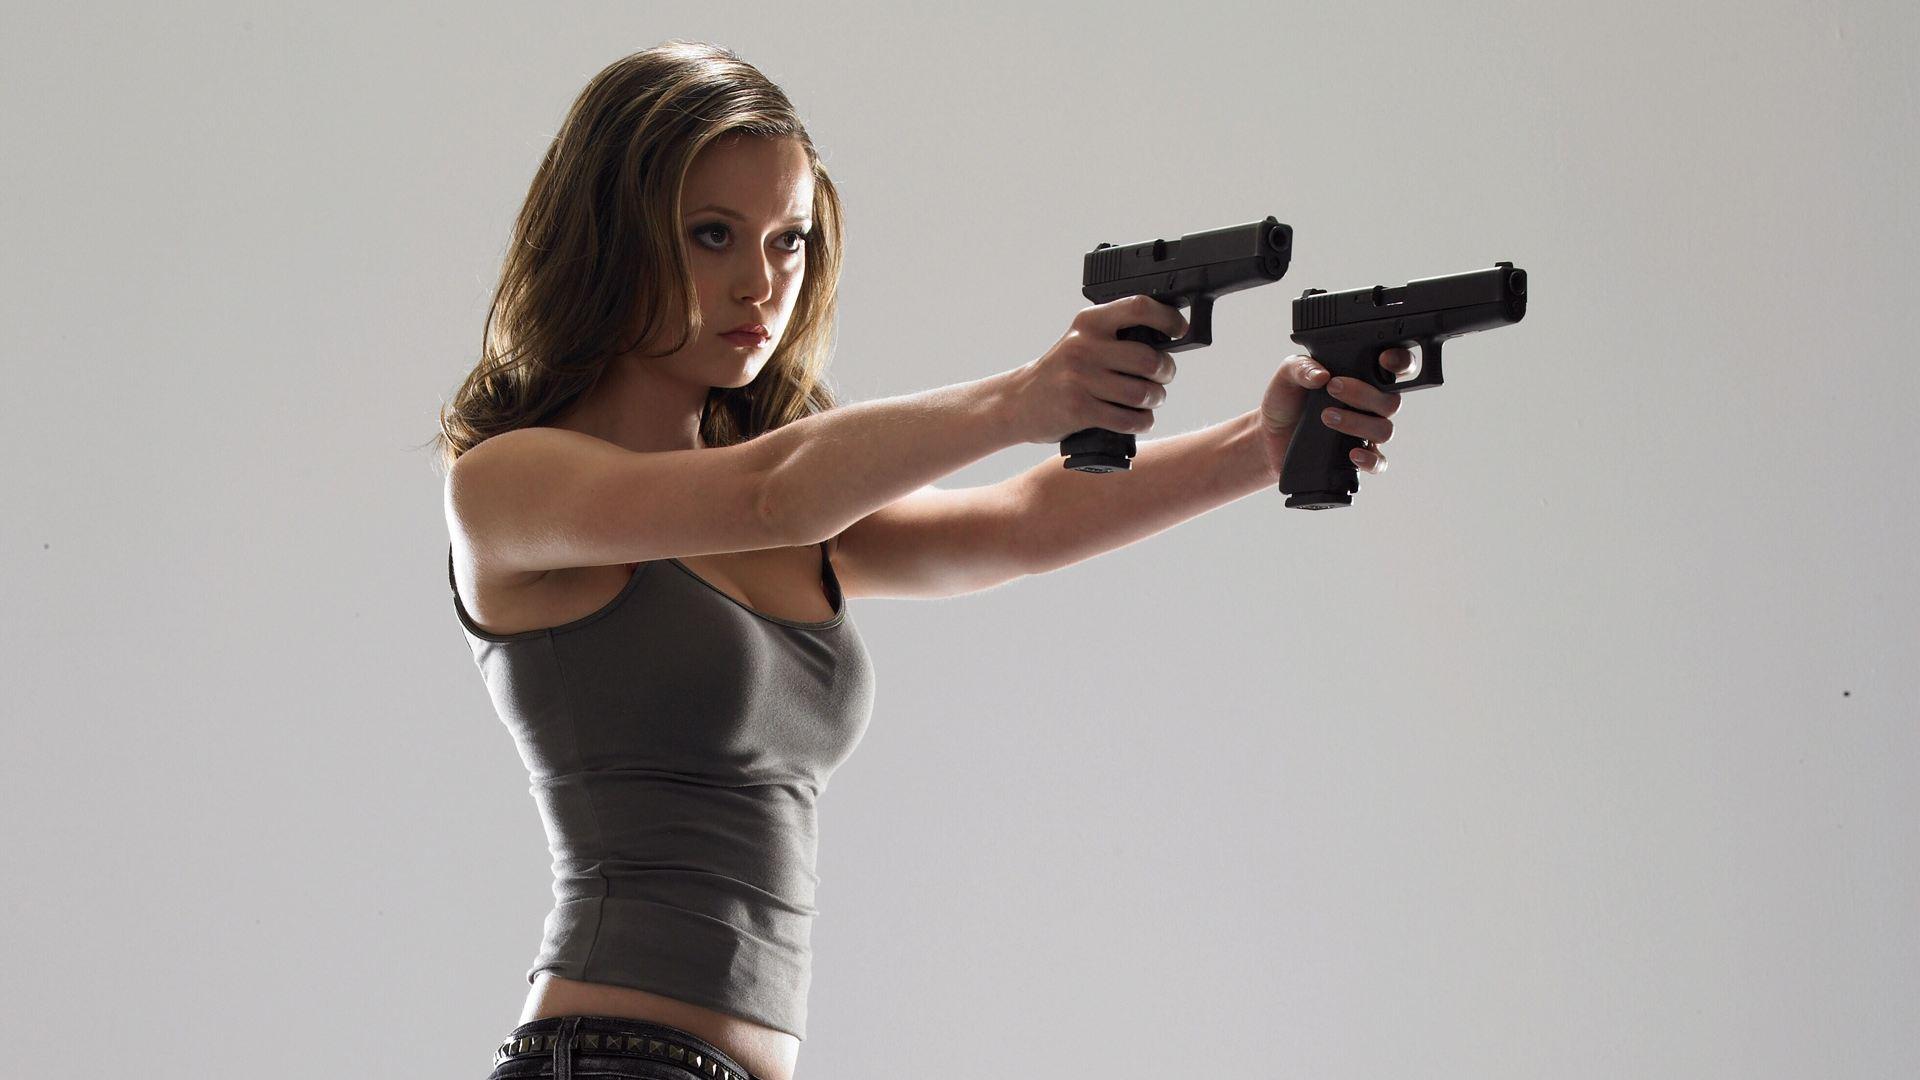 Weekend Woman 21 Summer Glau A Man a Dog and a Gun 1920x1080